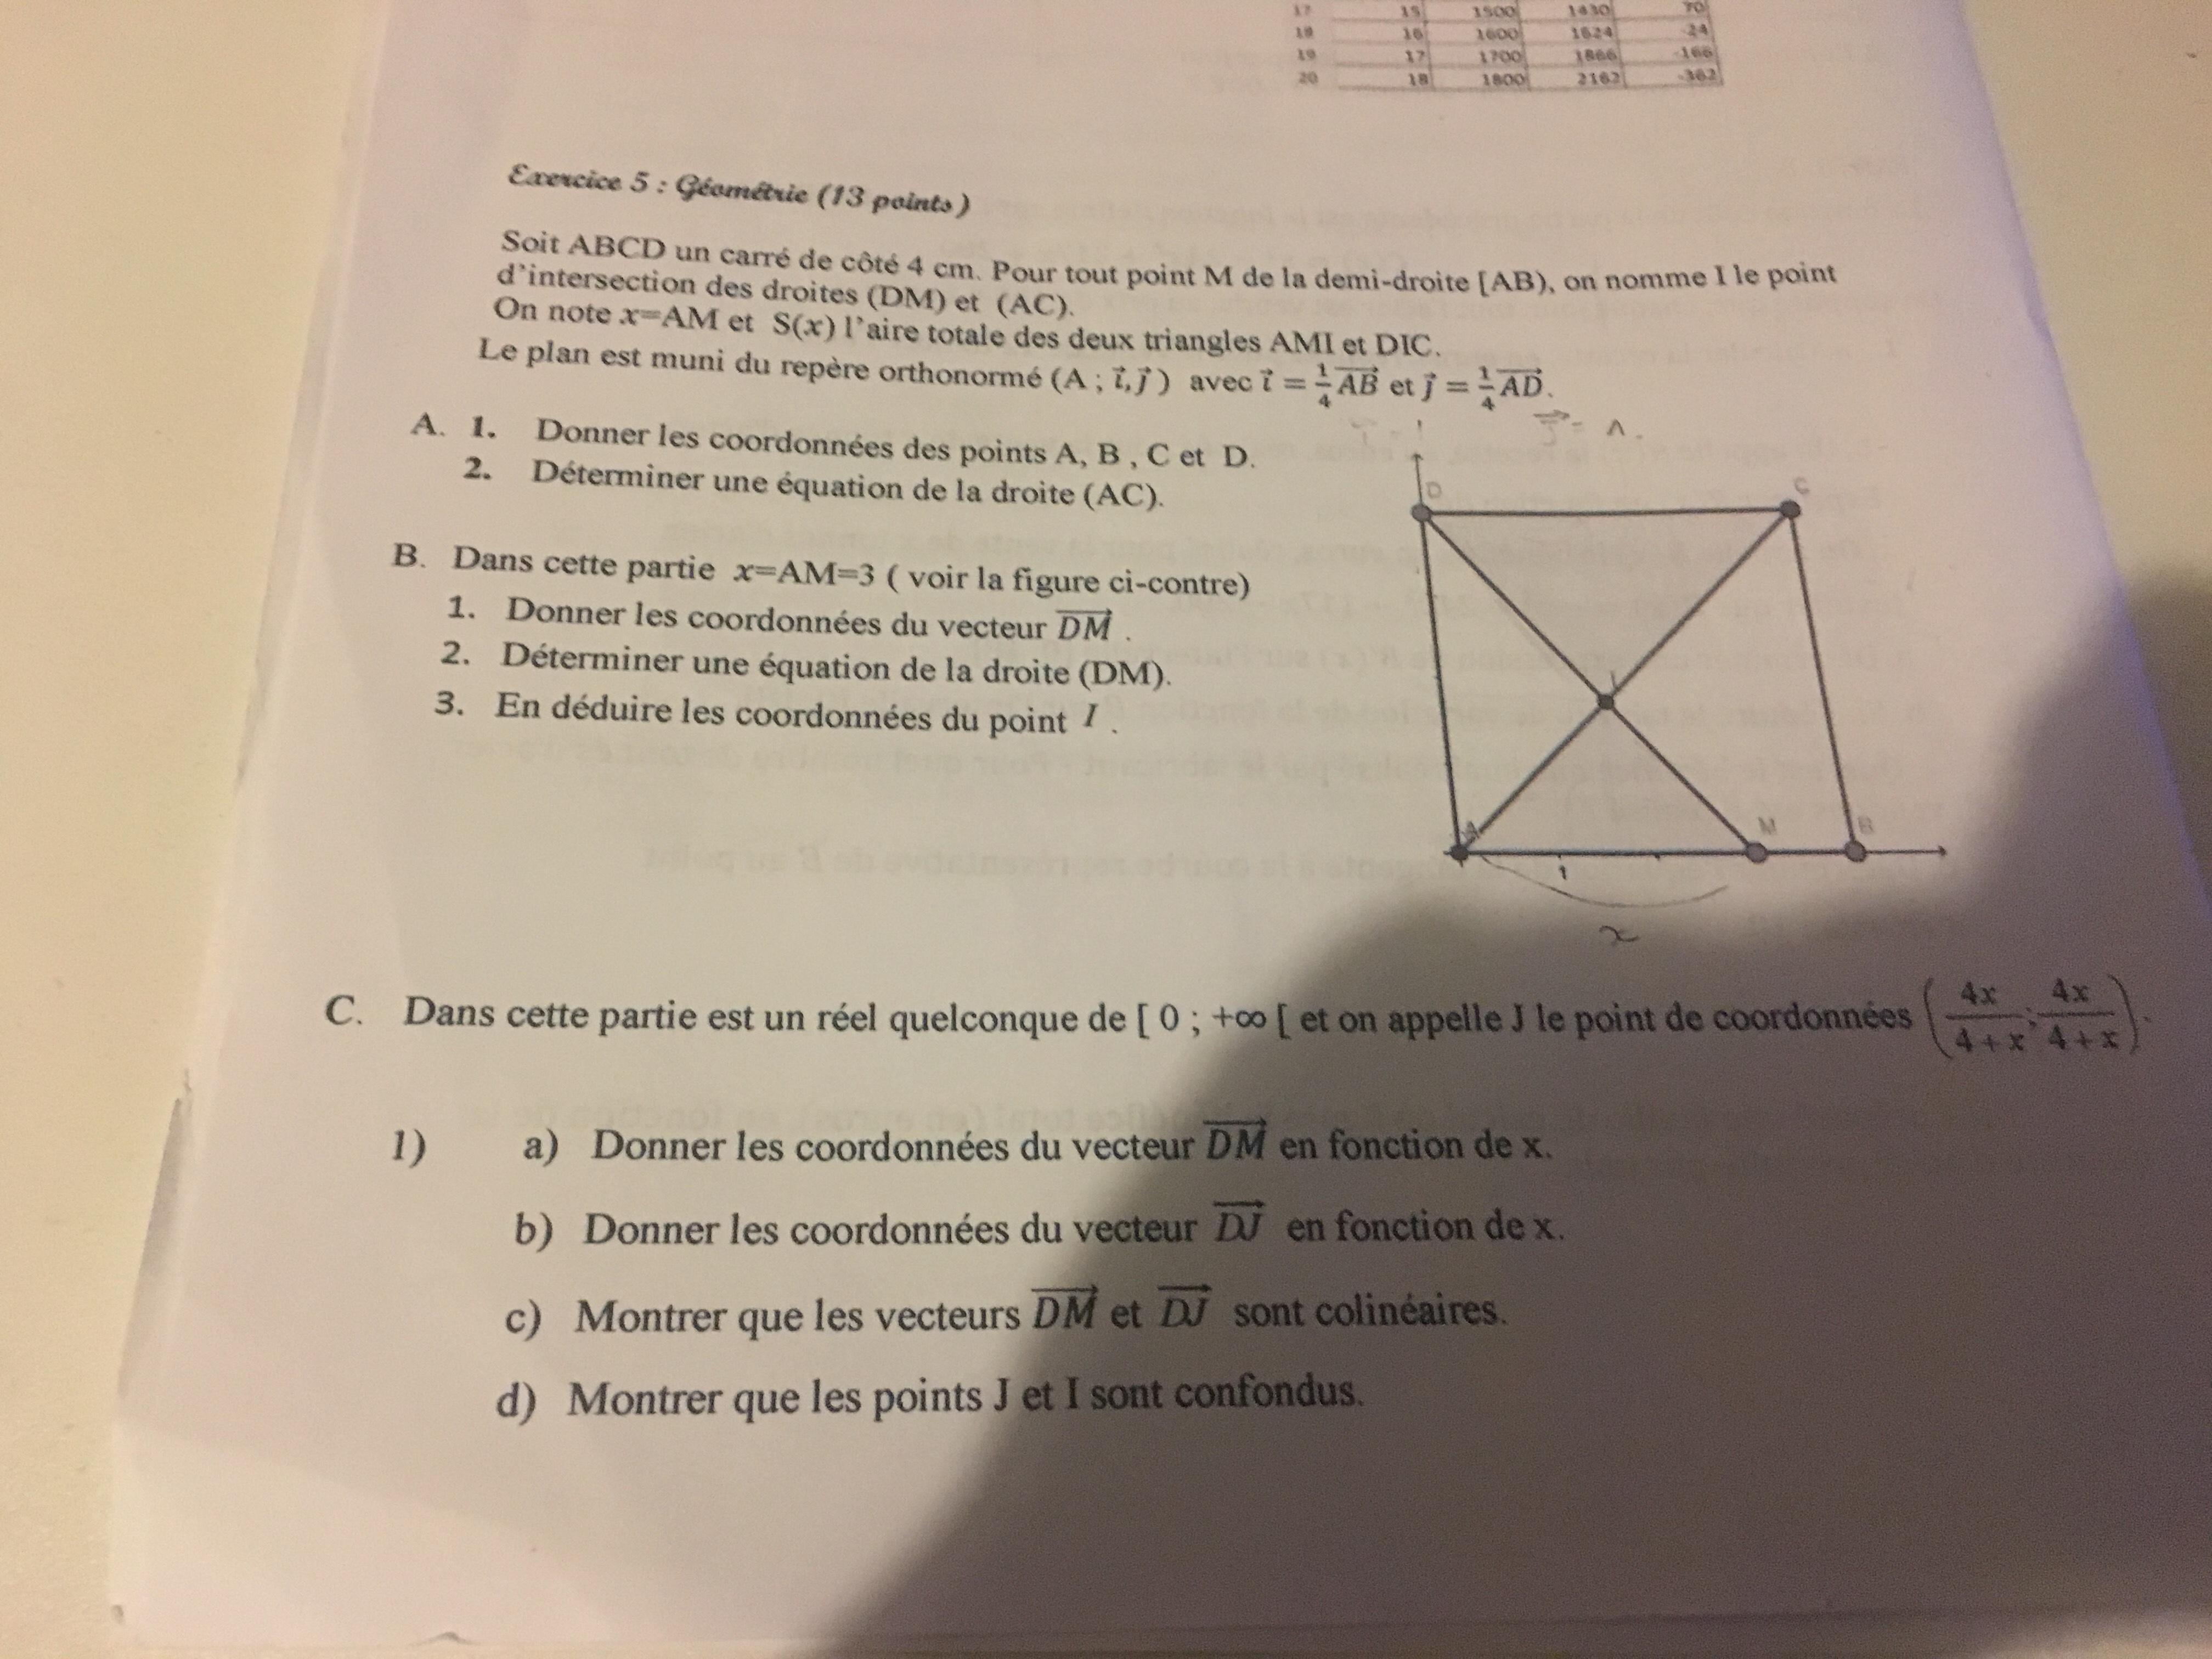 Bonjour A Tous Je Suis Actuellement En Classe De 1ere S Et J Ai Du Mal A Repondre Aux Questions De Nosdevoirs Fr